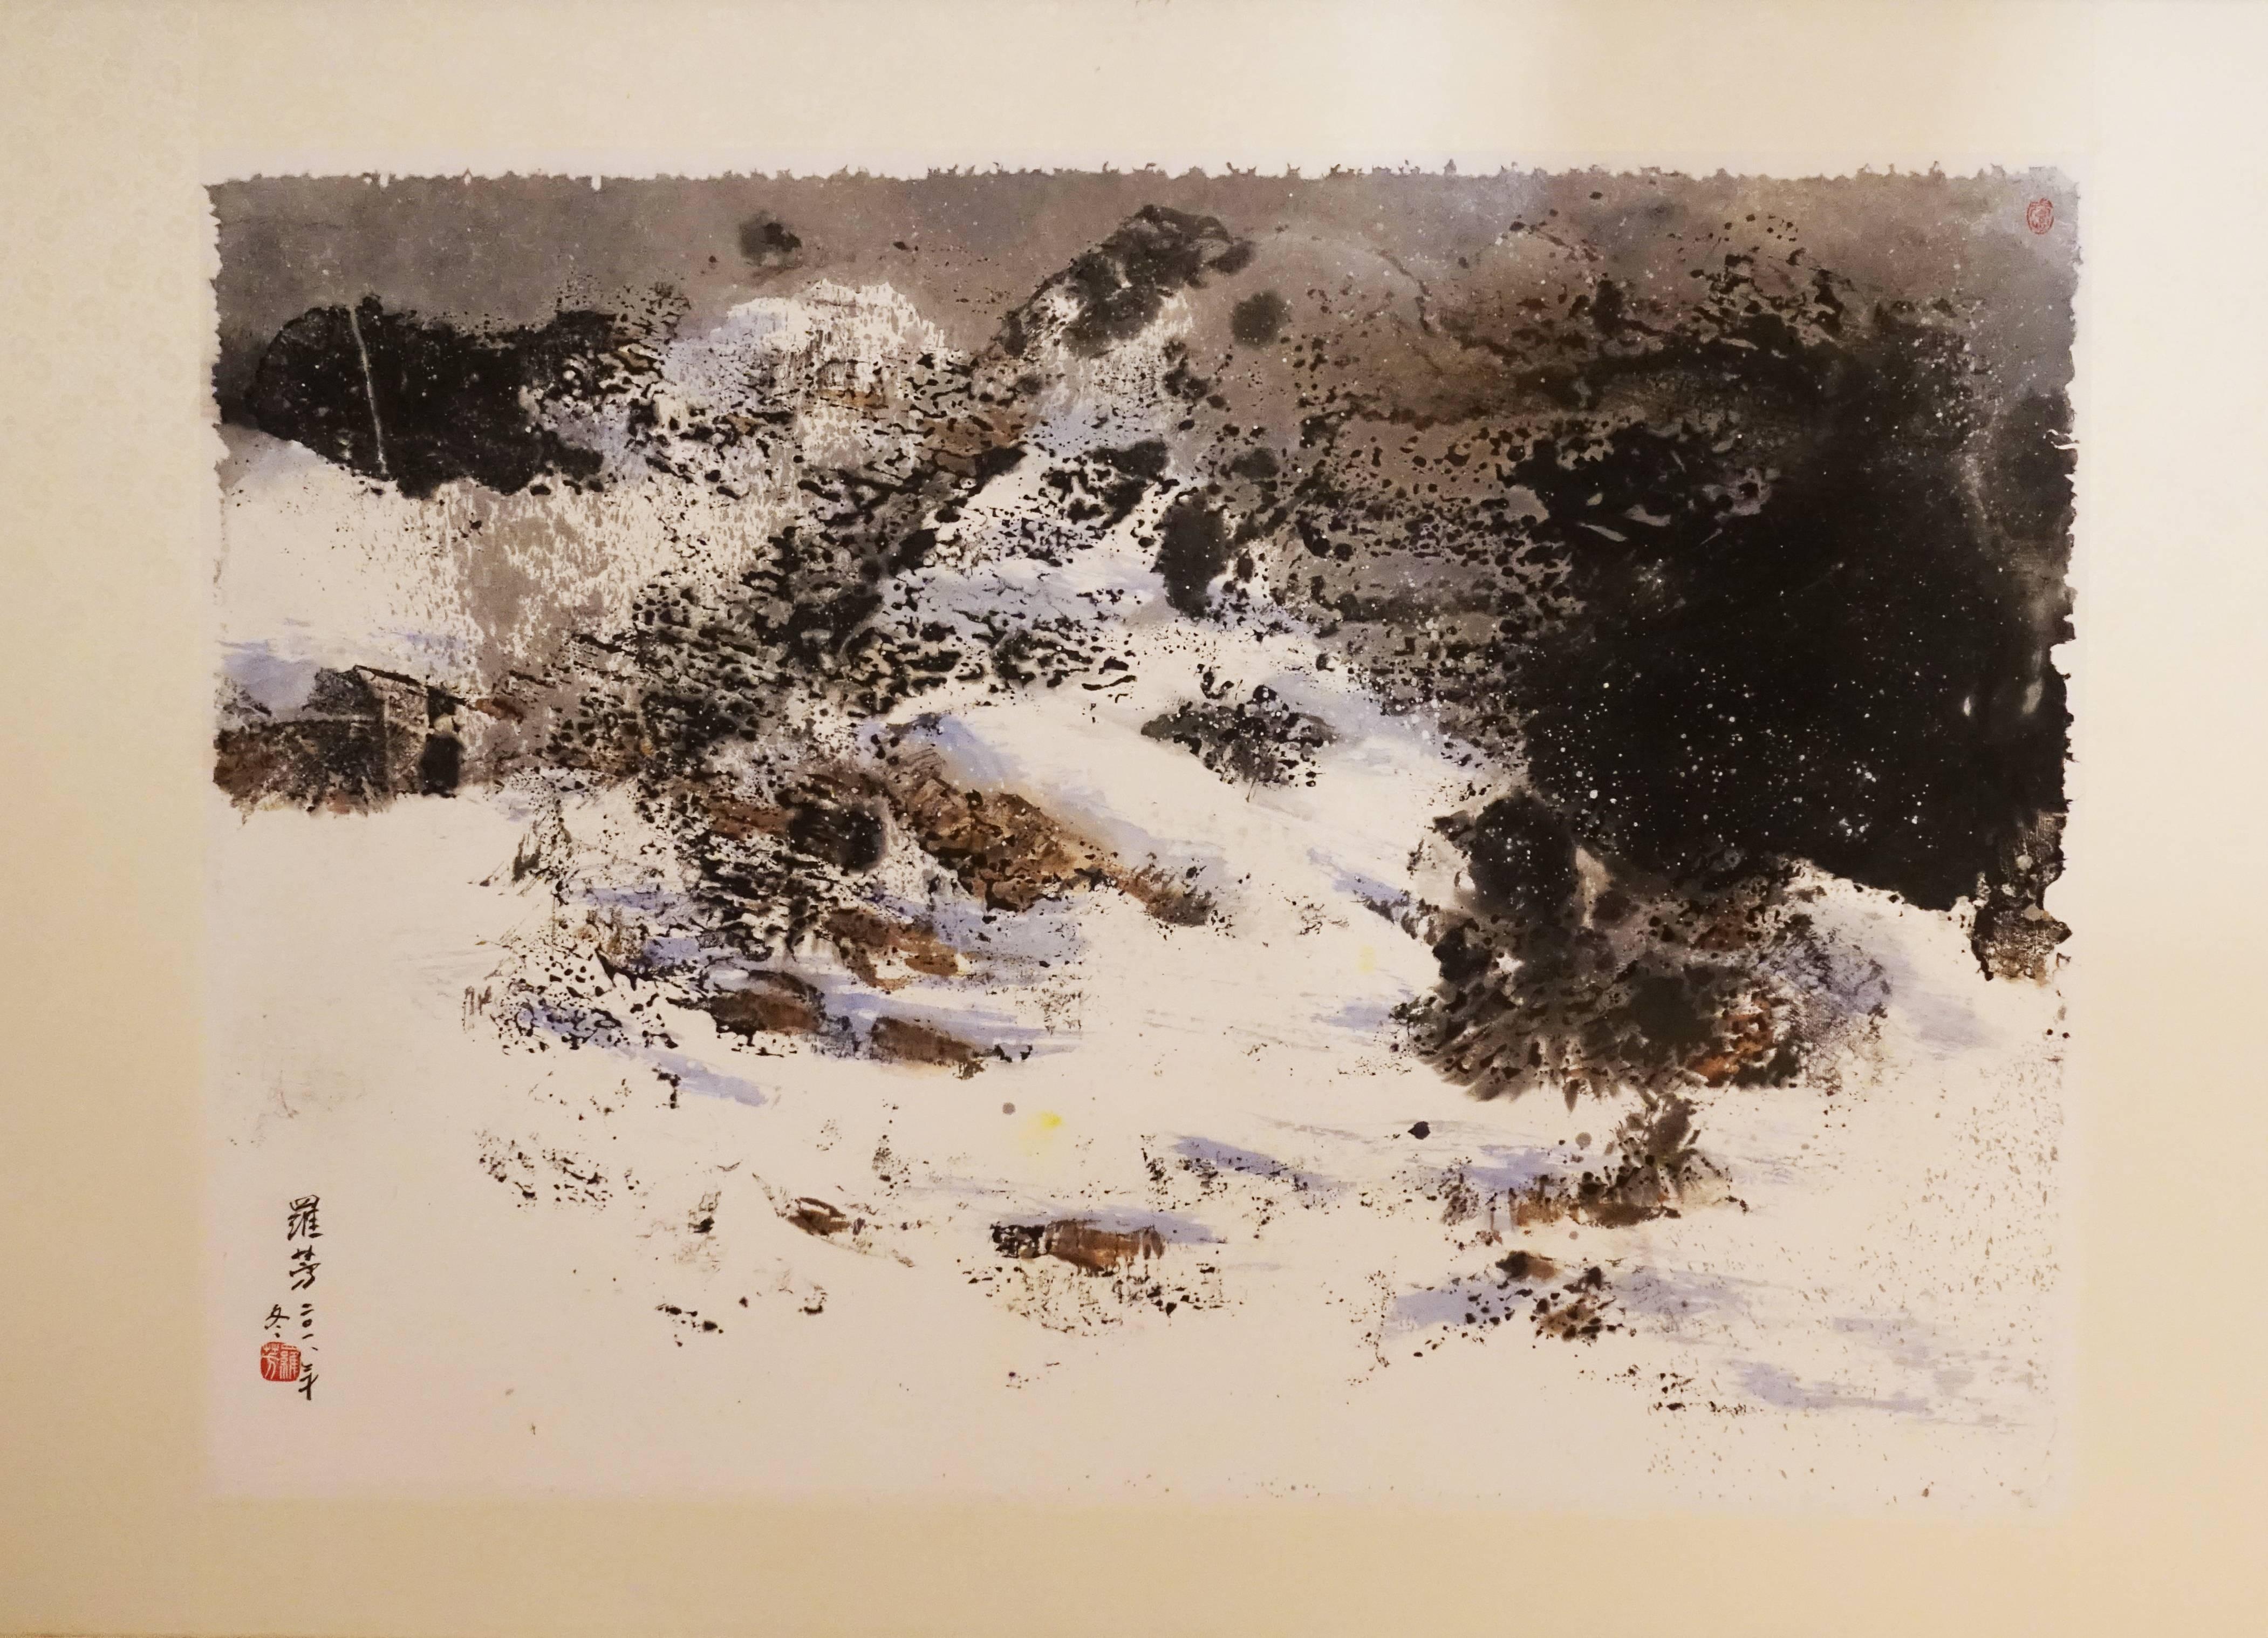 藤藝廊藝術家 - 羅芳,《銀妝》,85 x 60 cm 。